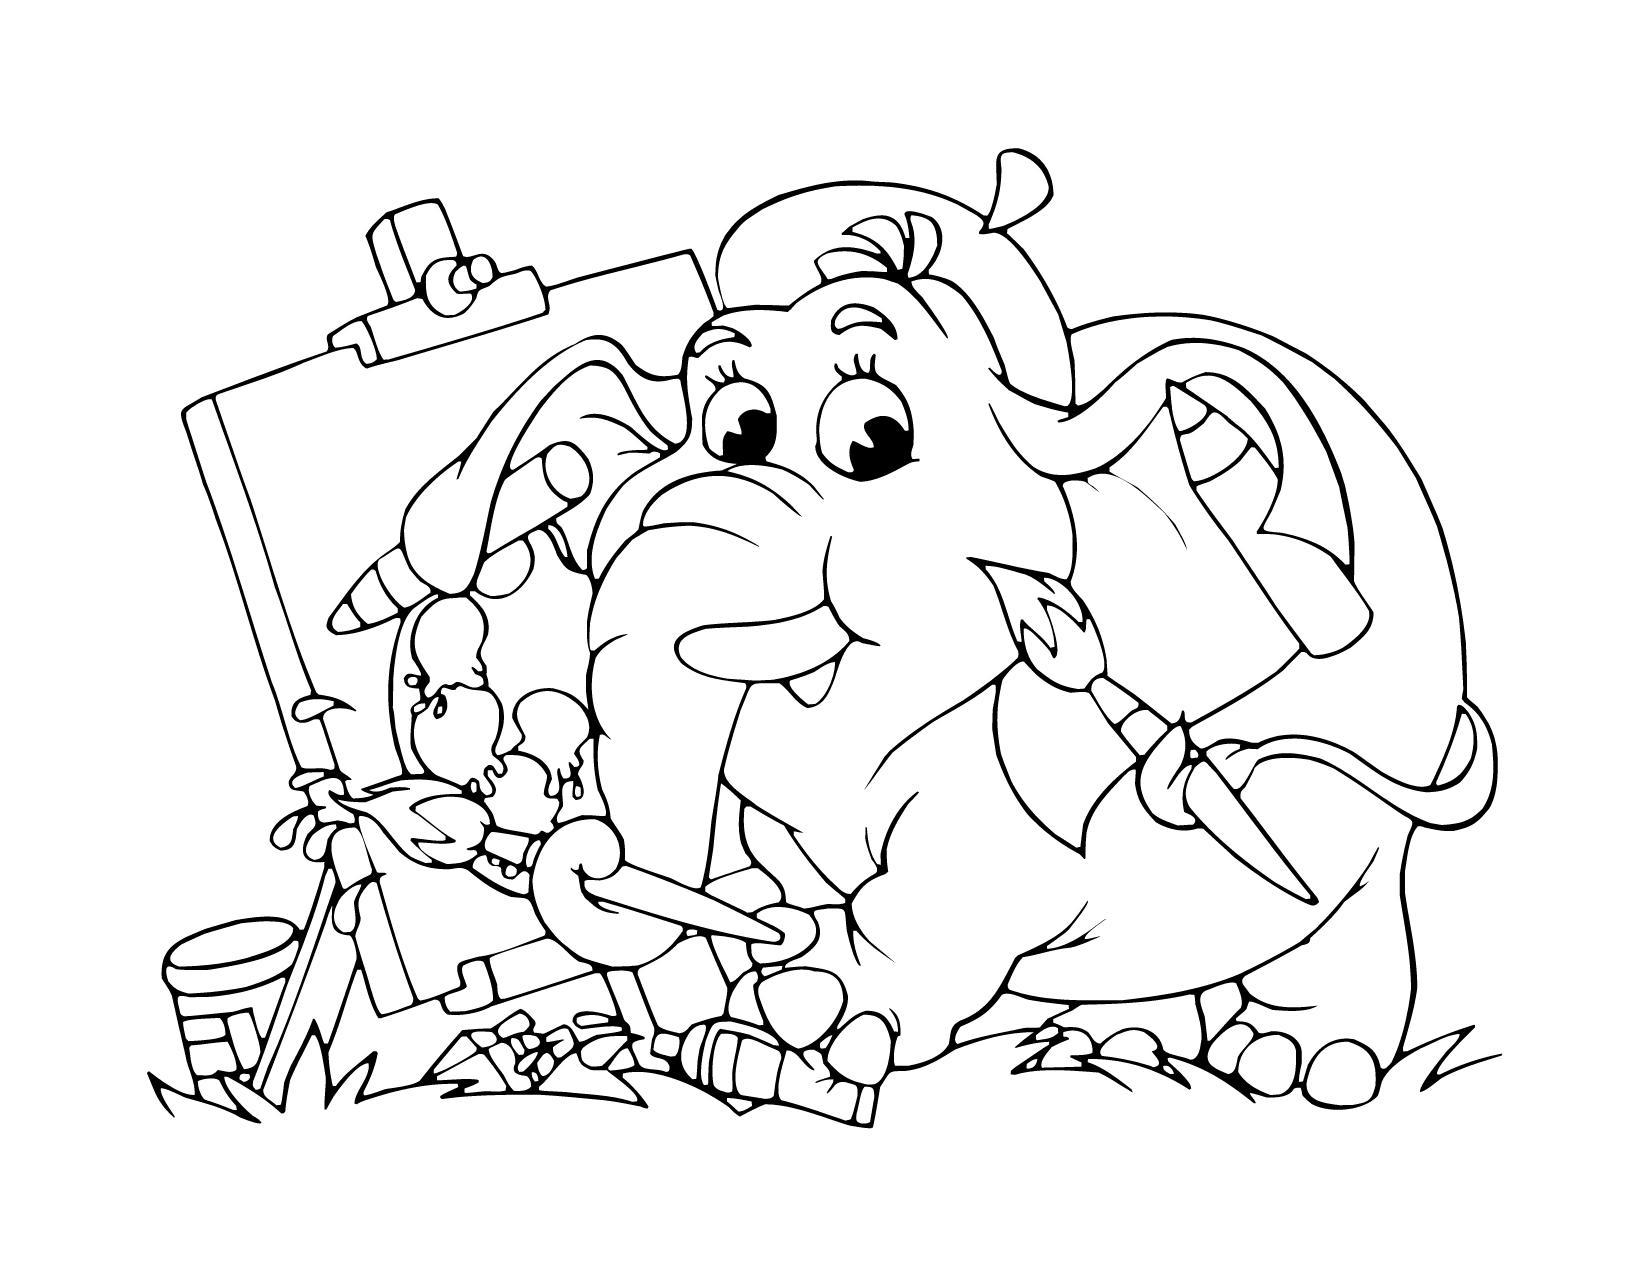 Coloriage A Imprimer Elephant Gratuit - Gratuit Coloriage